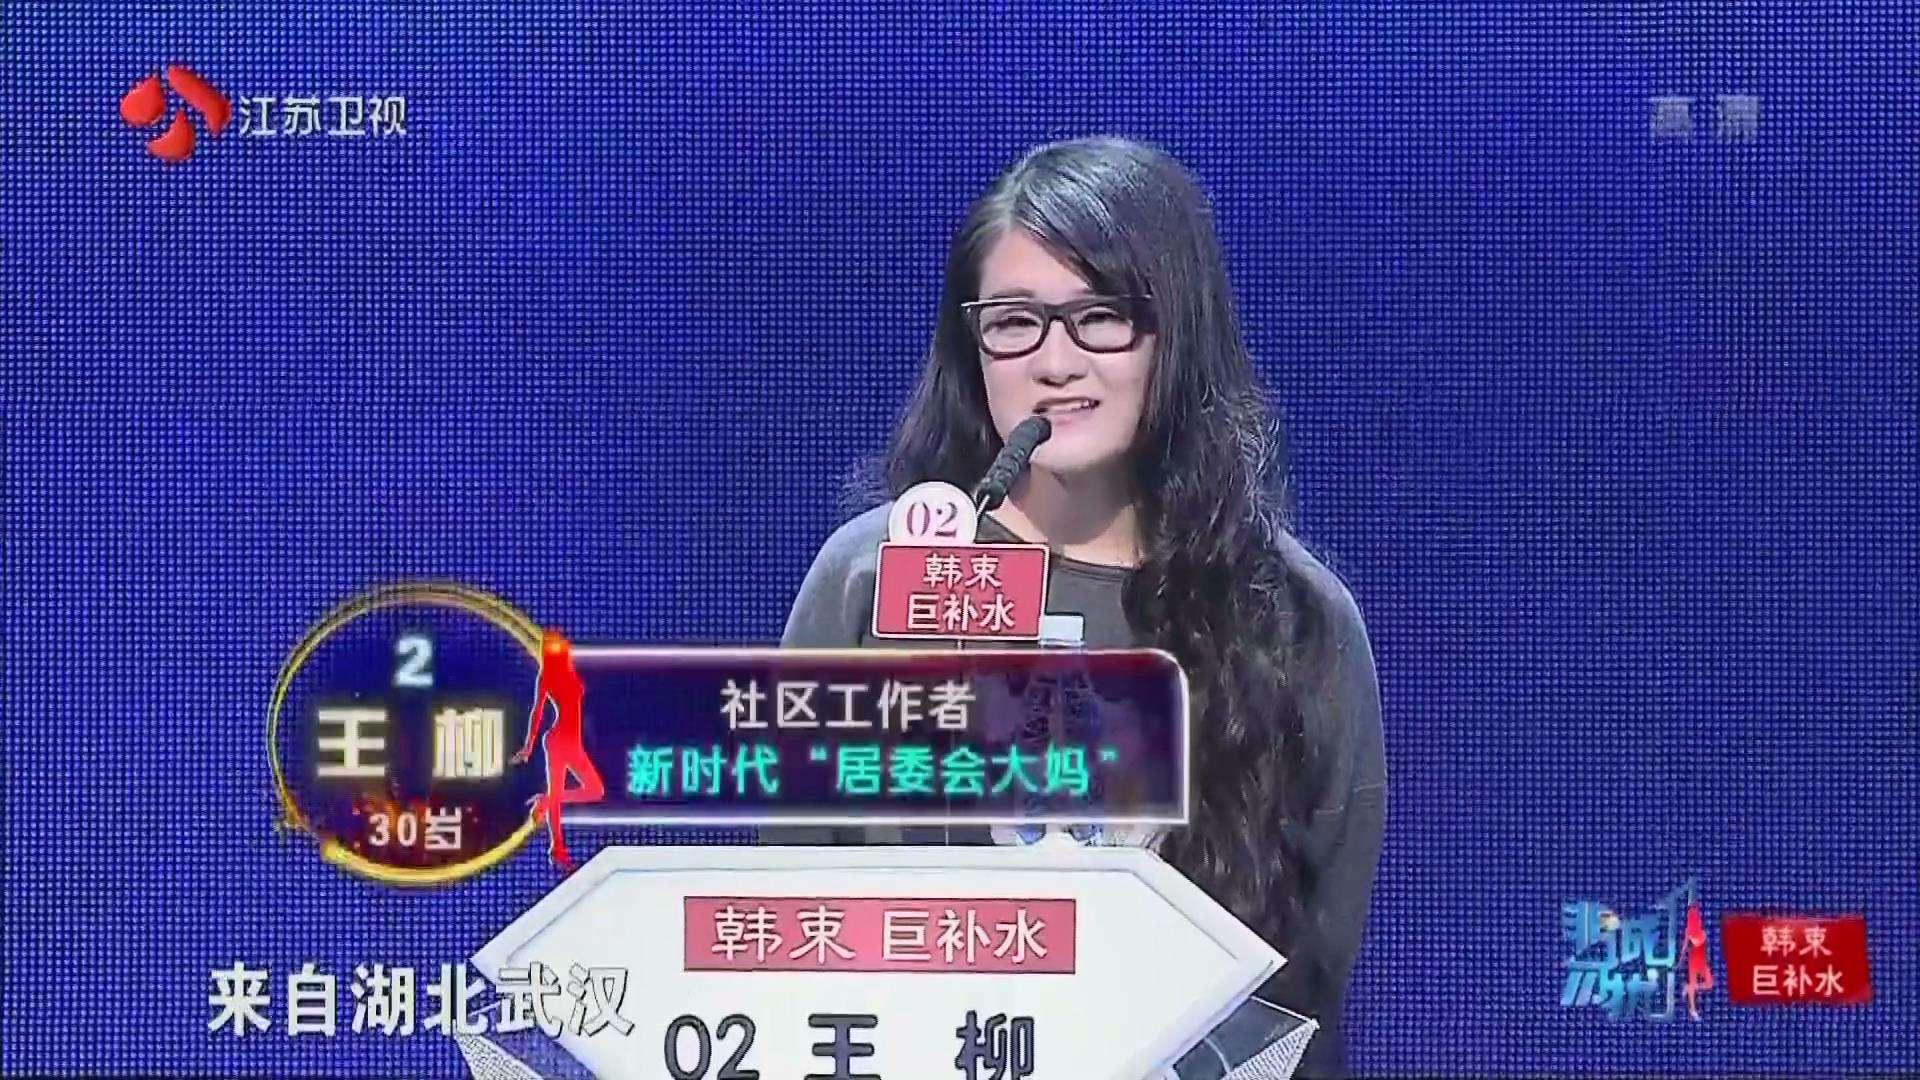 2017年9月10日综艺节目收视率:中餐厅收视第一非诚勿扰收视第二